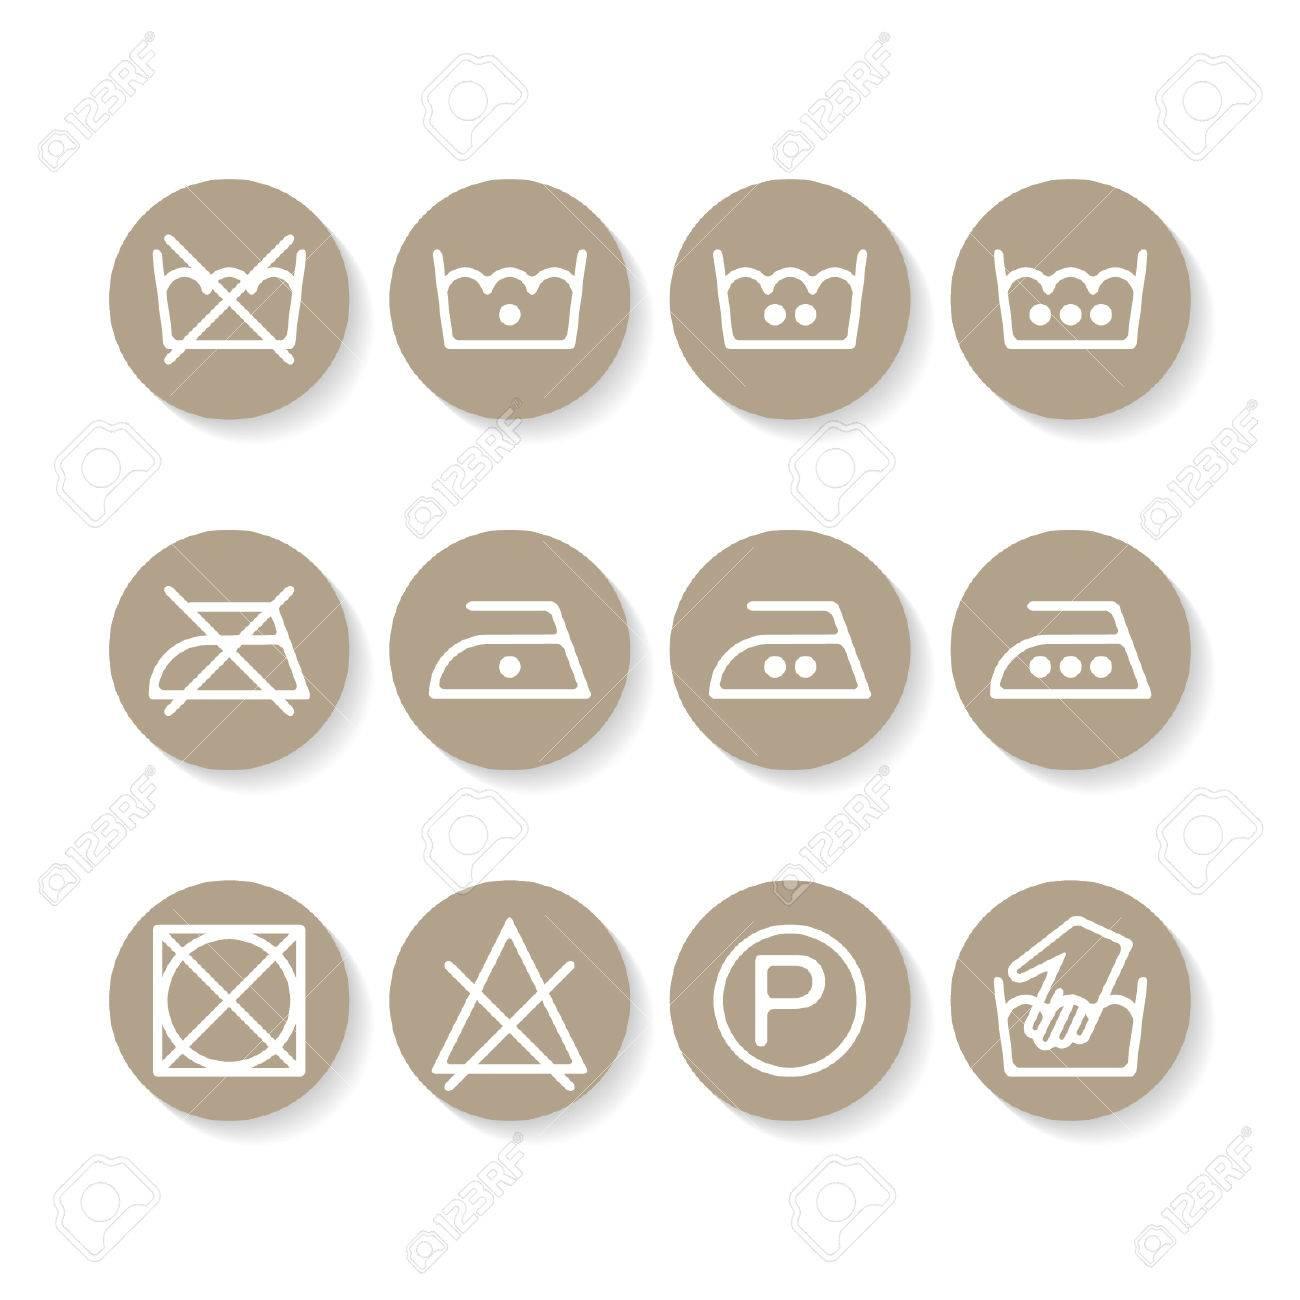 Set Of Instruction Laundry Icons Care Icons Washing Symbols